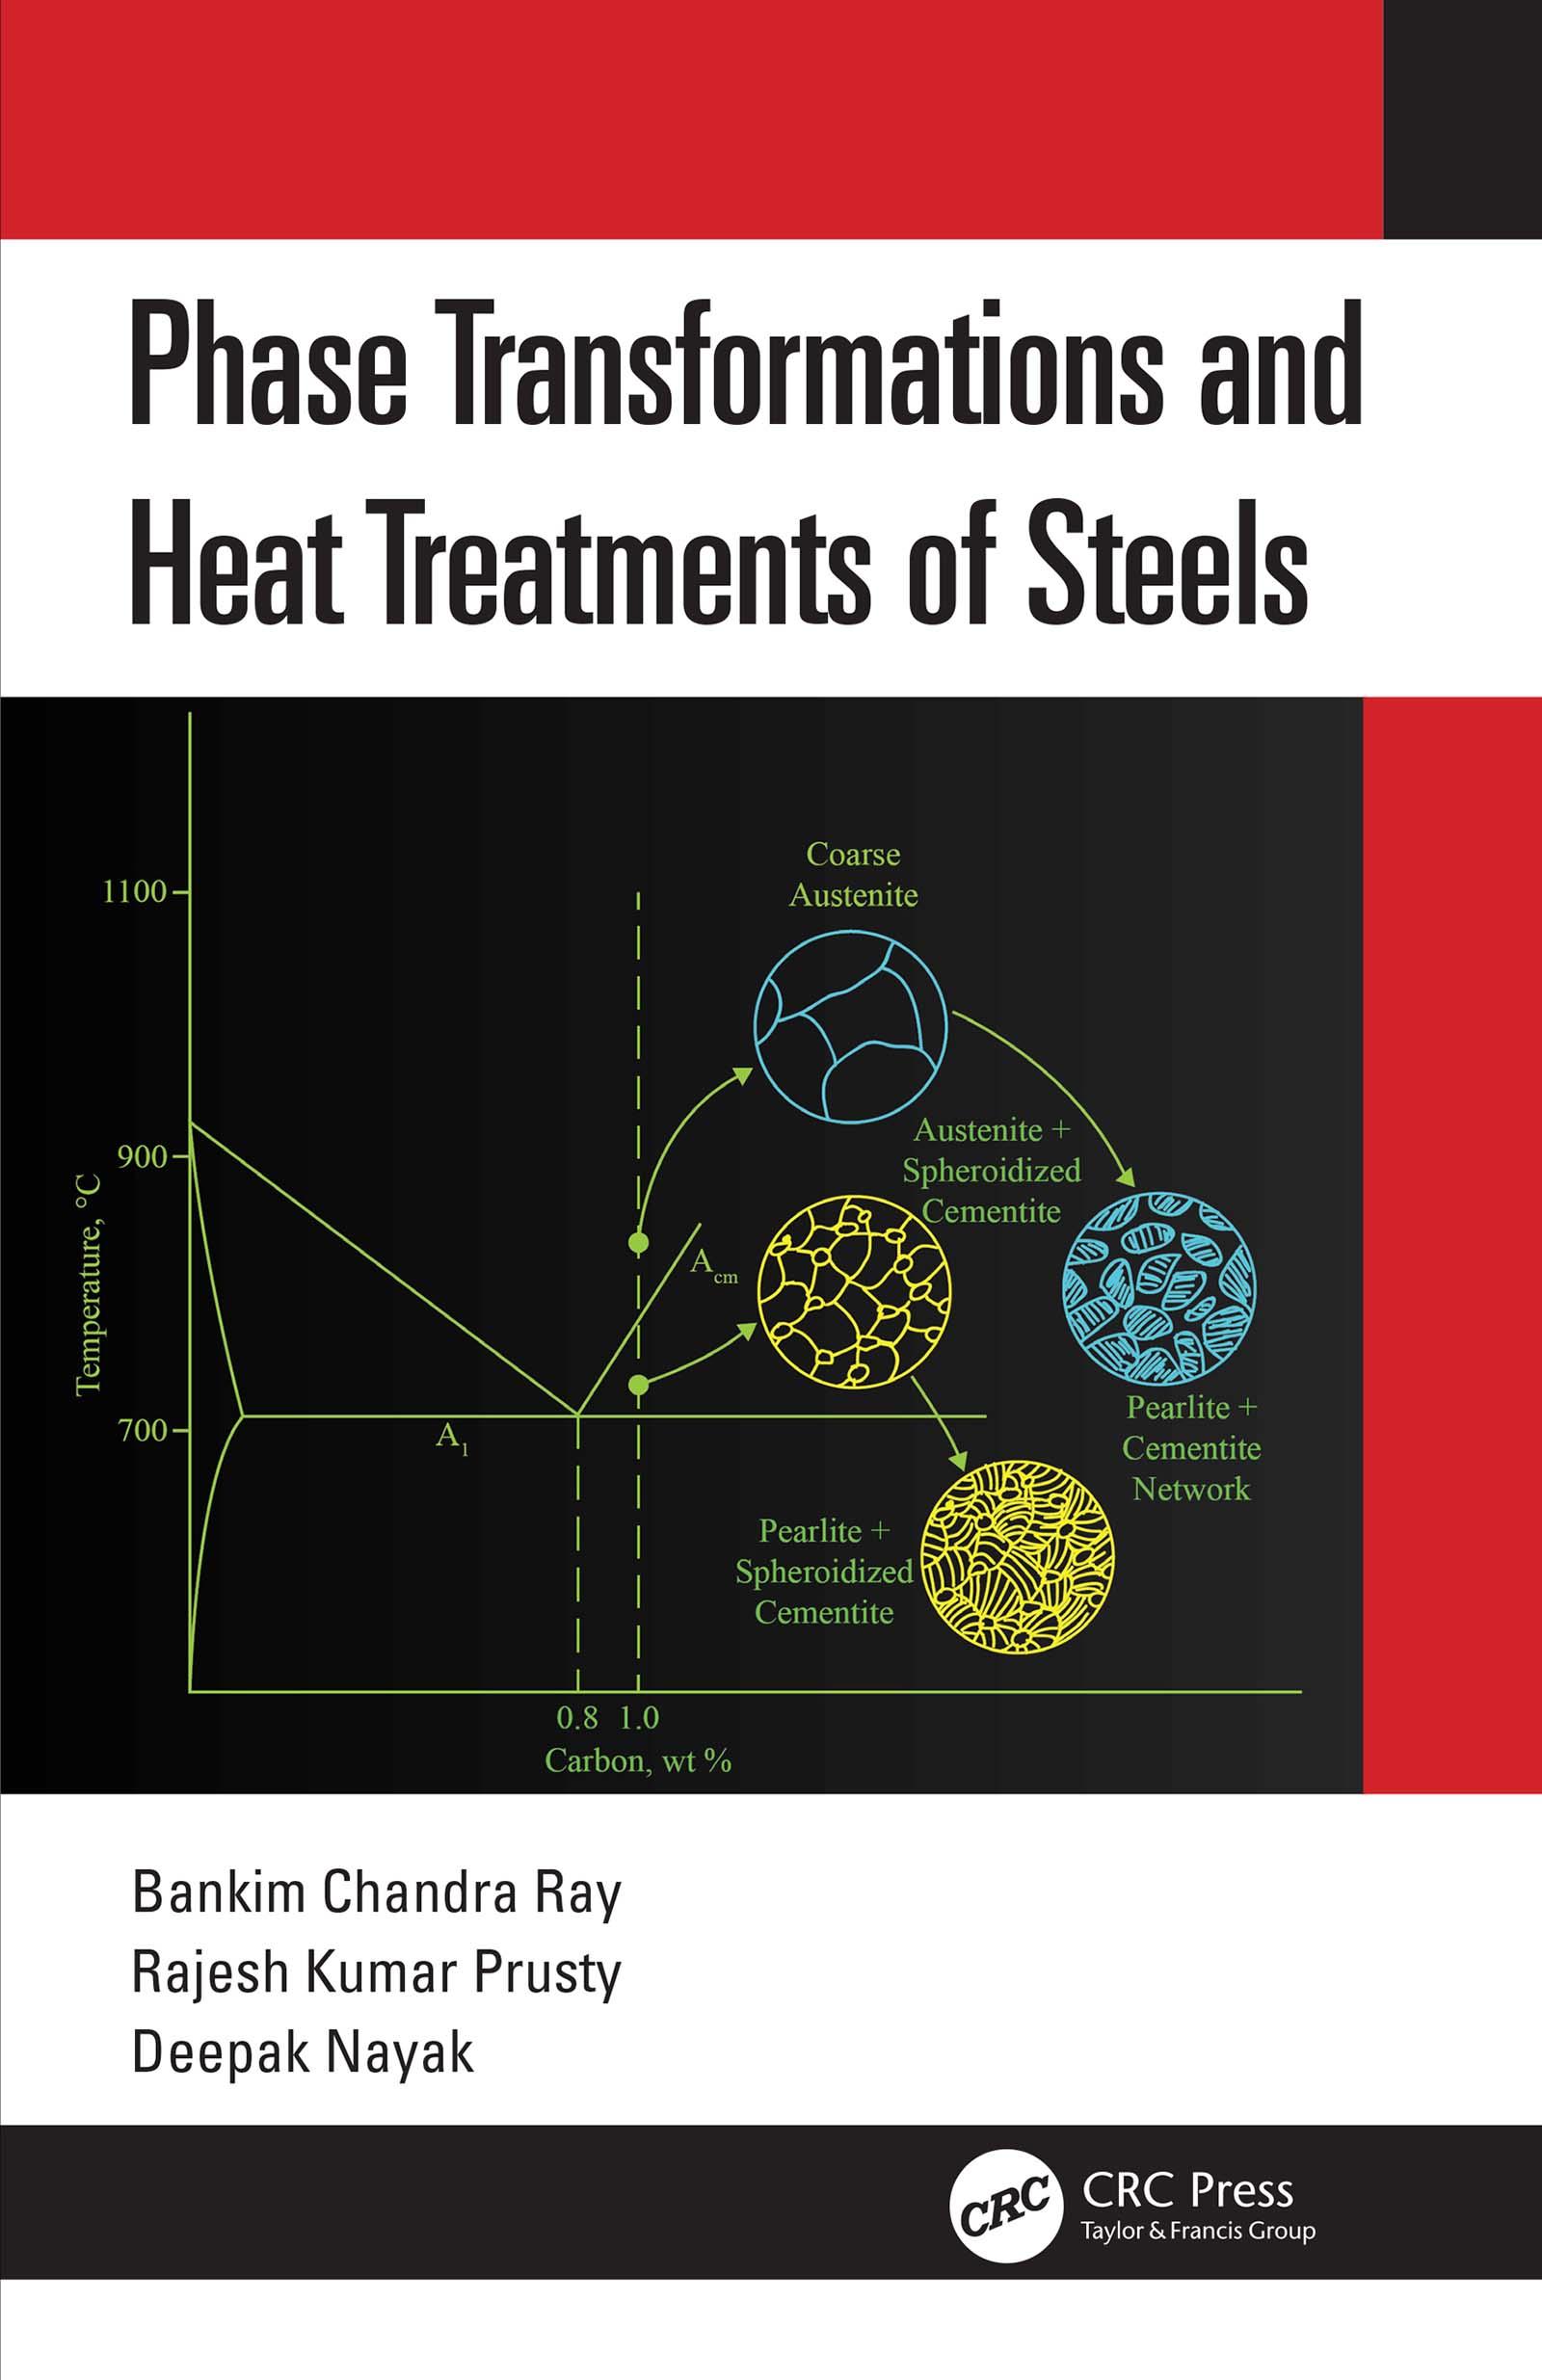 Common Heat Treatment Practices